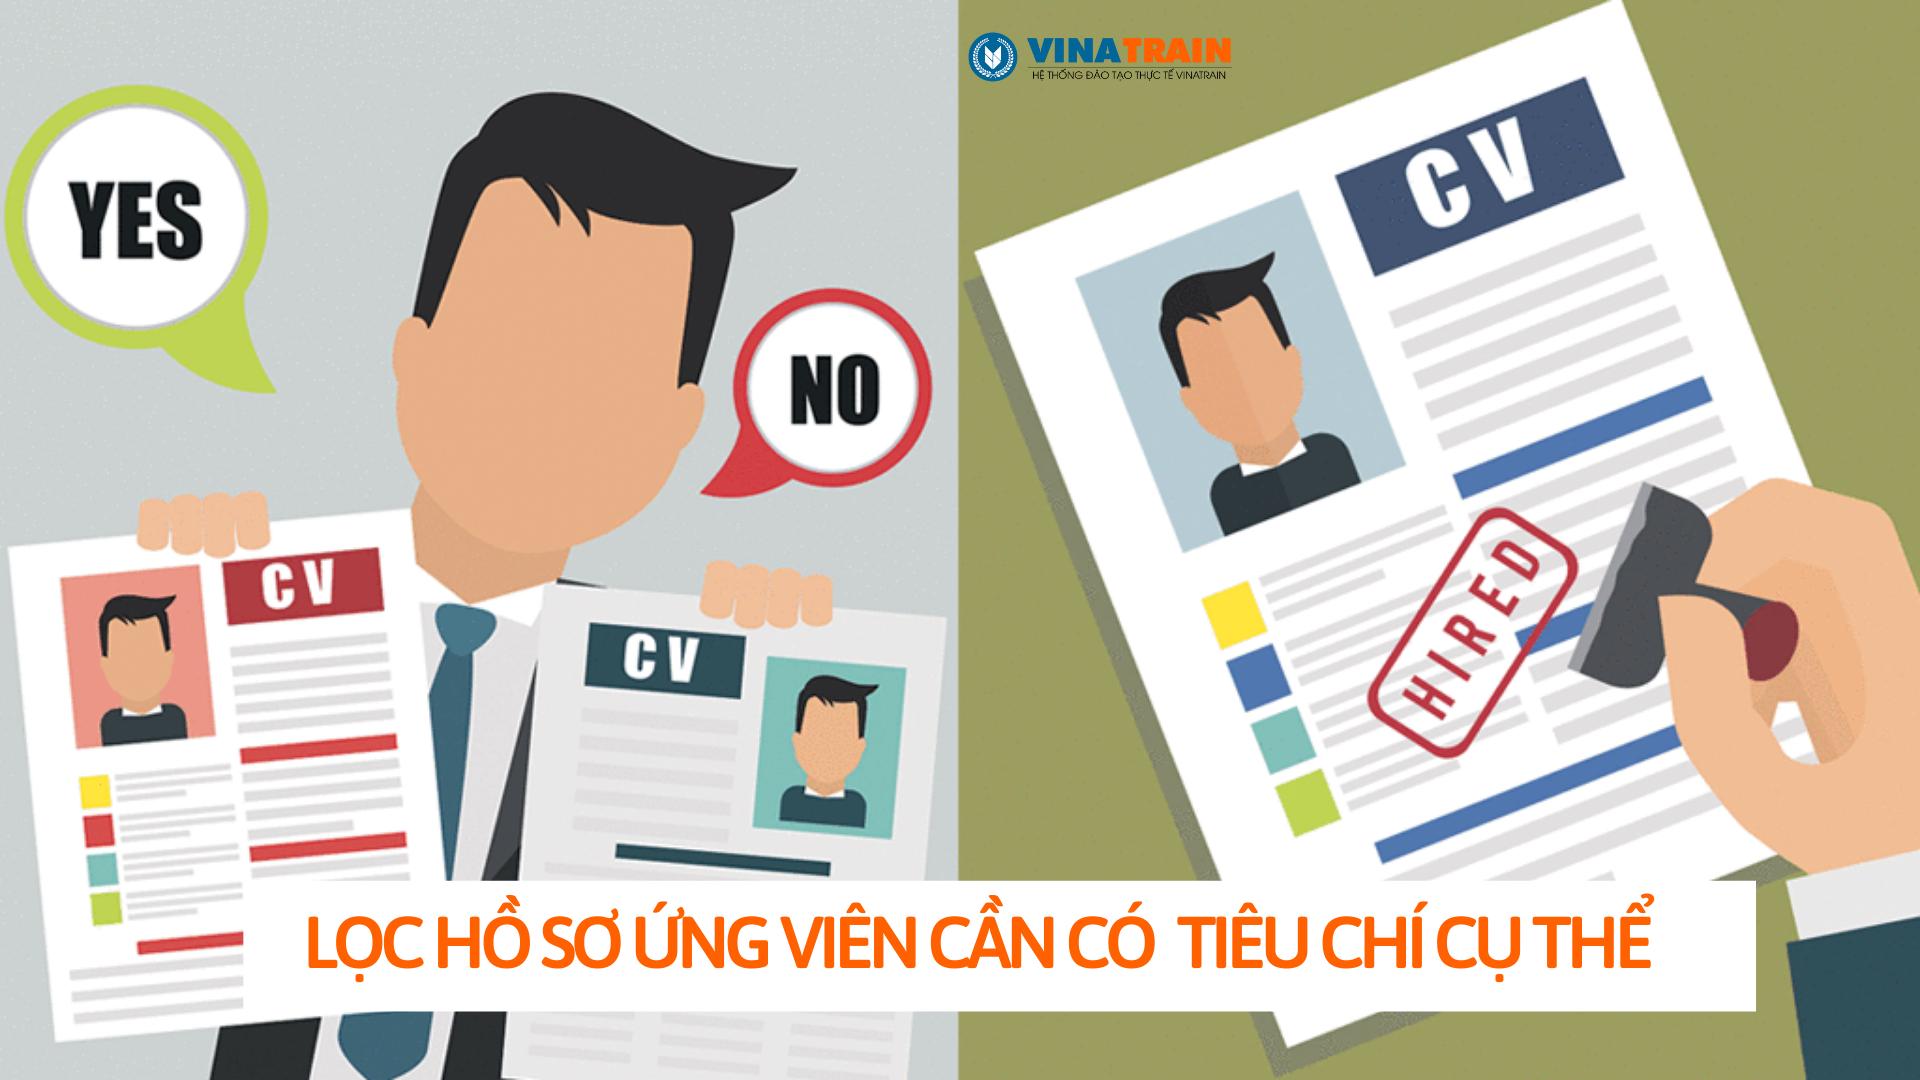 Chuyên viên nhân sự cần xác định rõ các tiêu chí lọc hồ sơ ứng viên